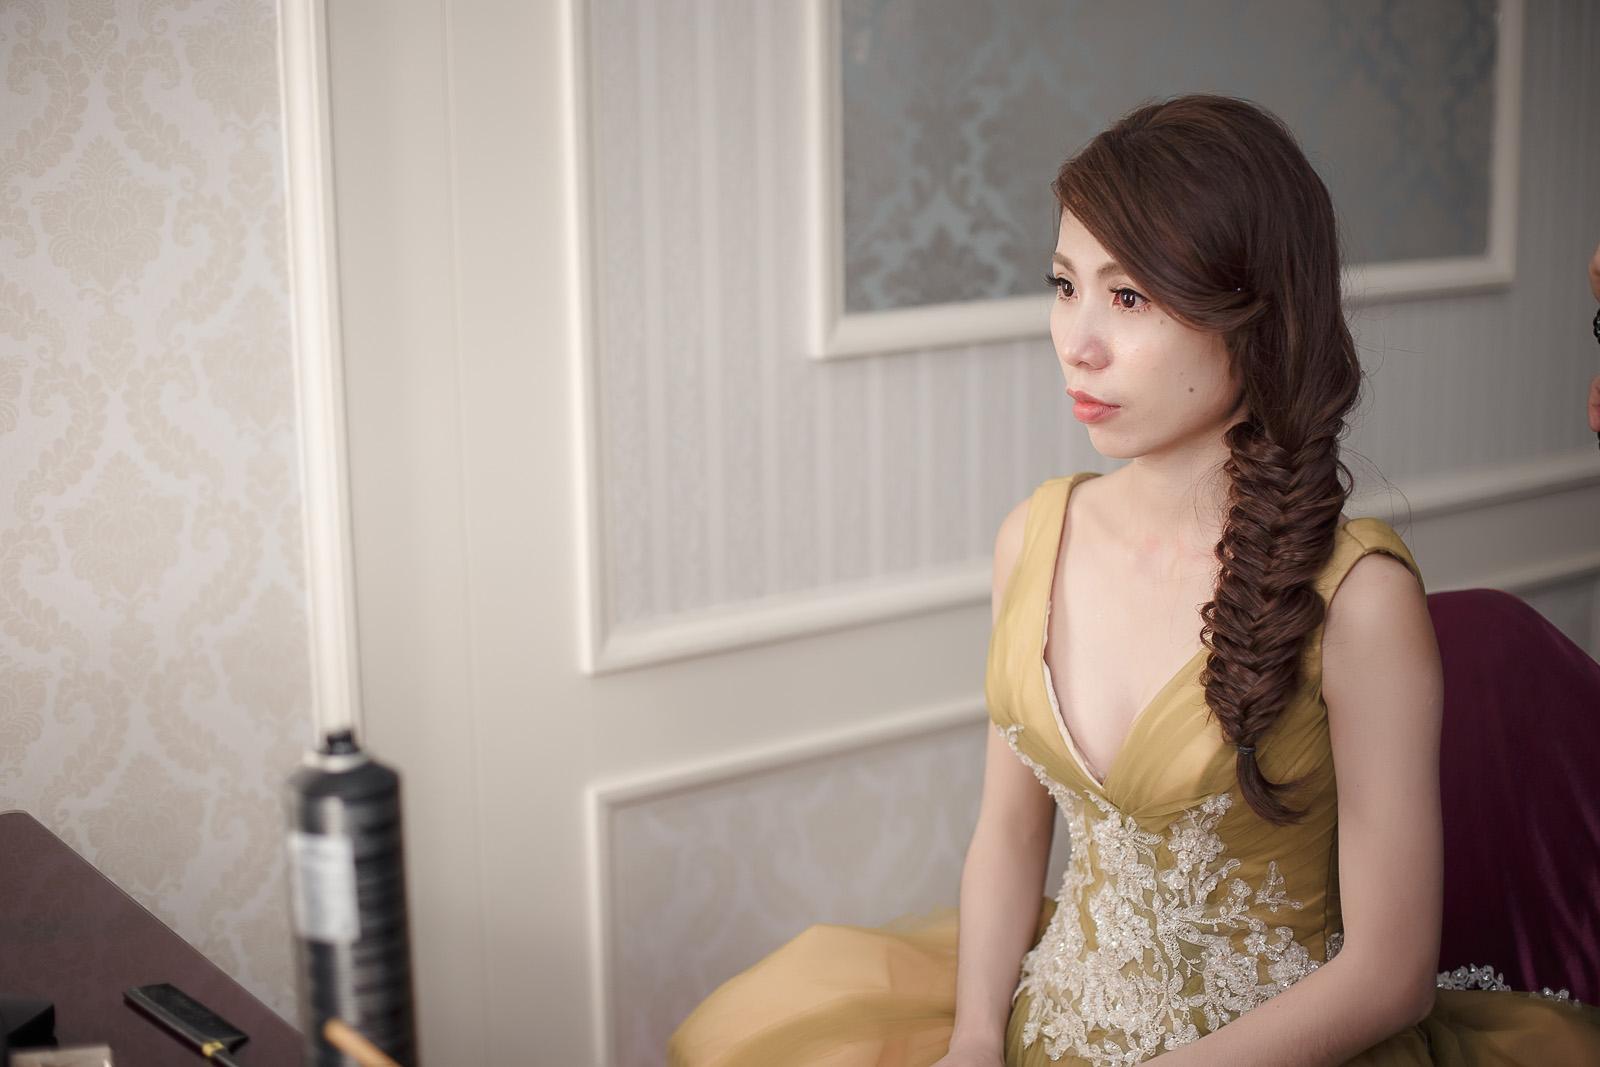 高雄圓山飯店,婚禮攝影,婚攝,高雄婚攝,優質婚攝推薦,Jen&Ethan-270